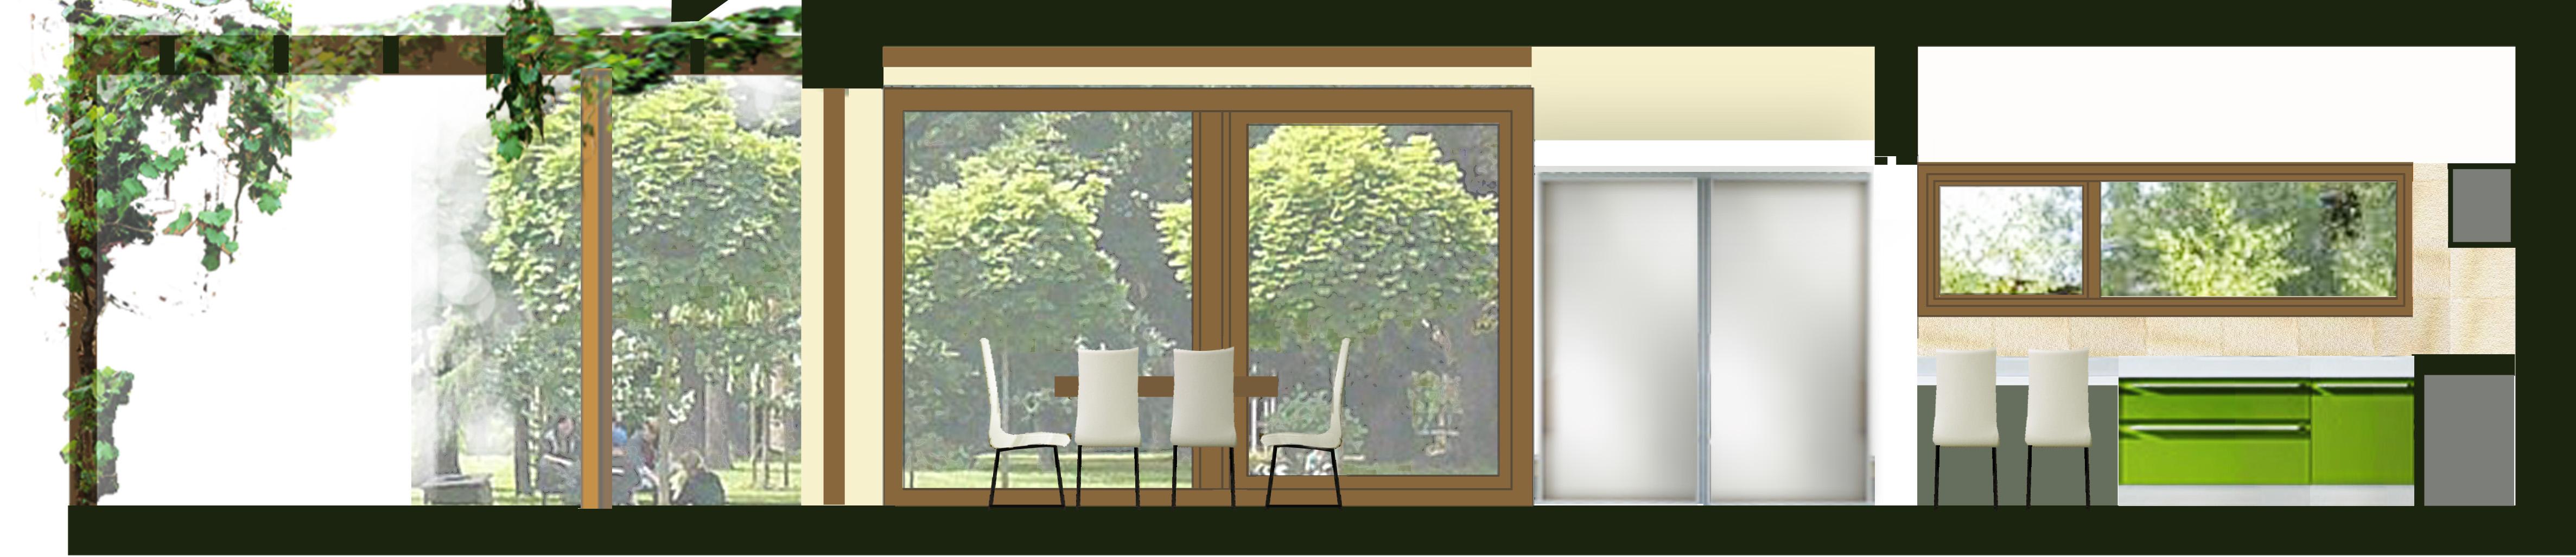 řezopohled kuchyní, jídlenou a terasou, pohled  do zahrady